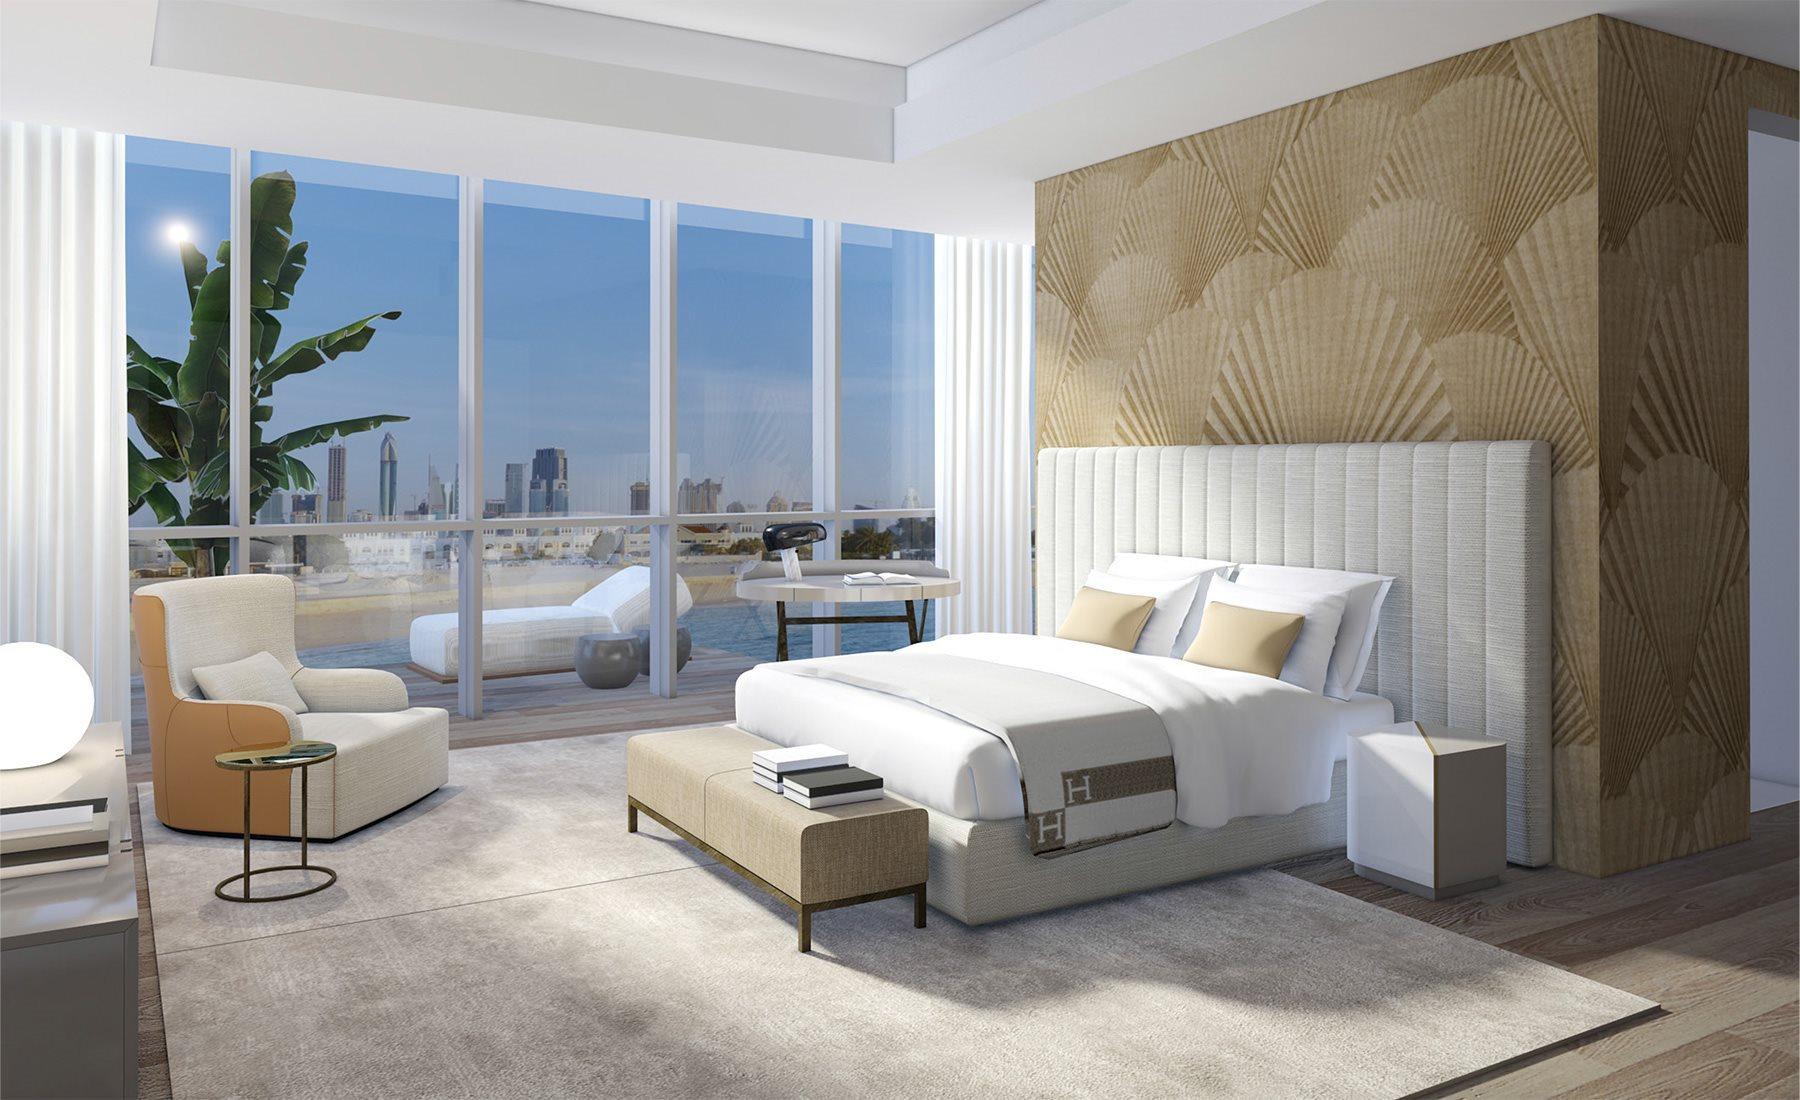 gartenm bel n rnberg f rth kollektion ideen garten design als inspiration mit beispielen von. Black Bedroom Furniture Sets. Home Design Ideas